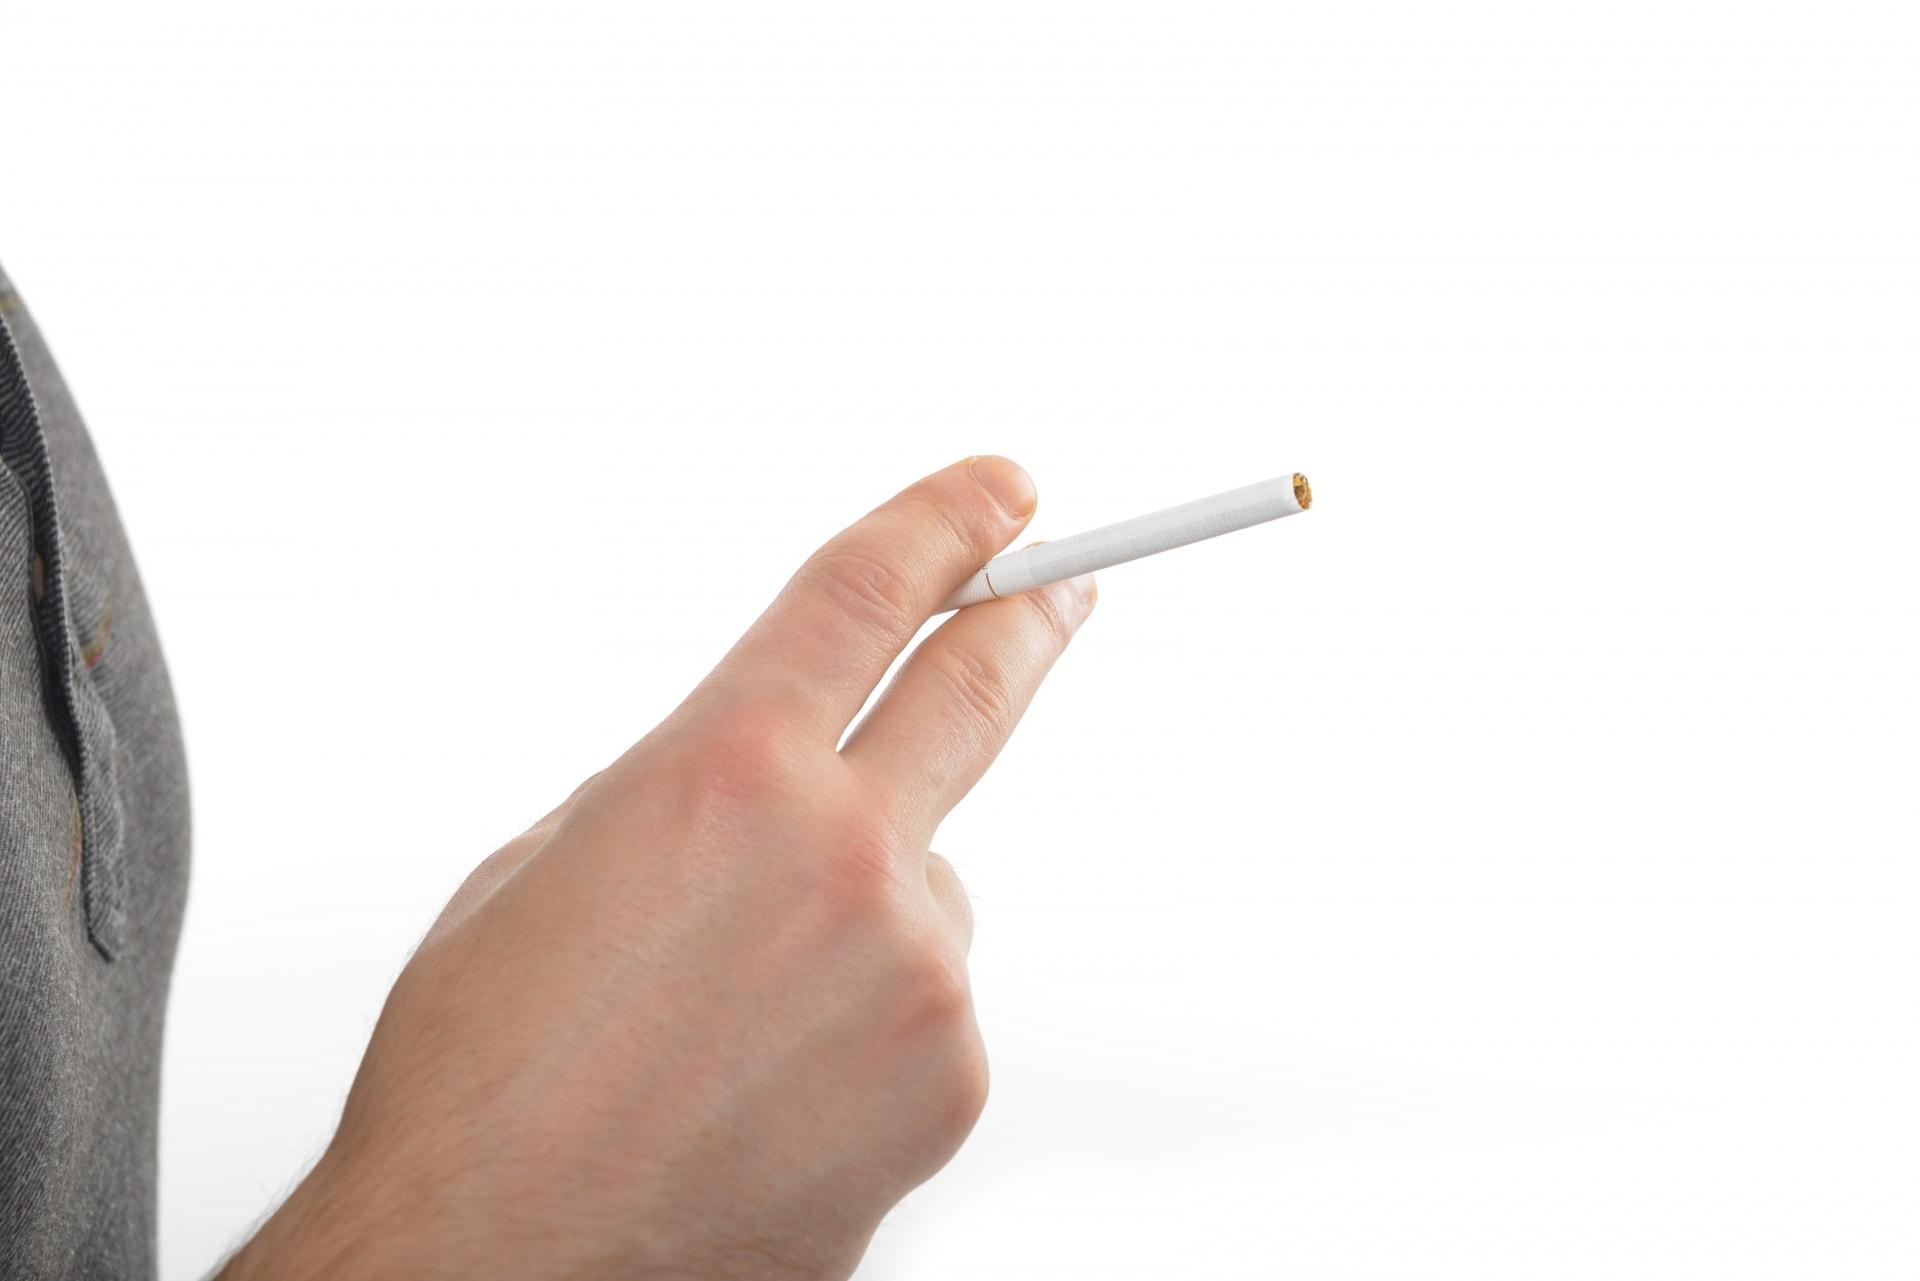 【禁煙4か月目】禁煙してみた!成功した禁煙体験をご紹介